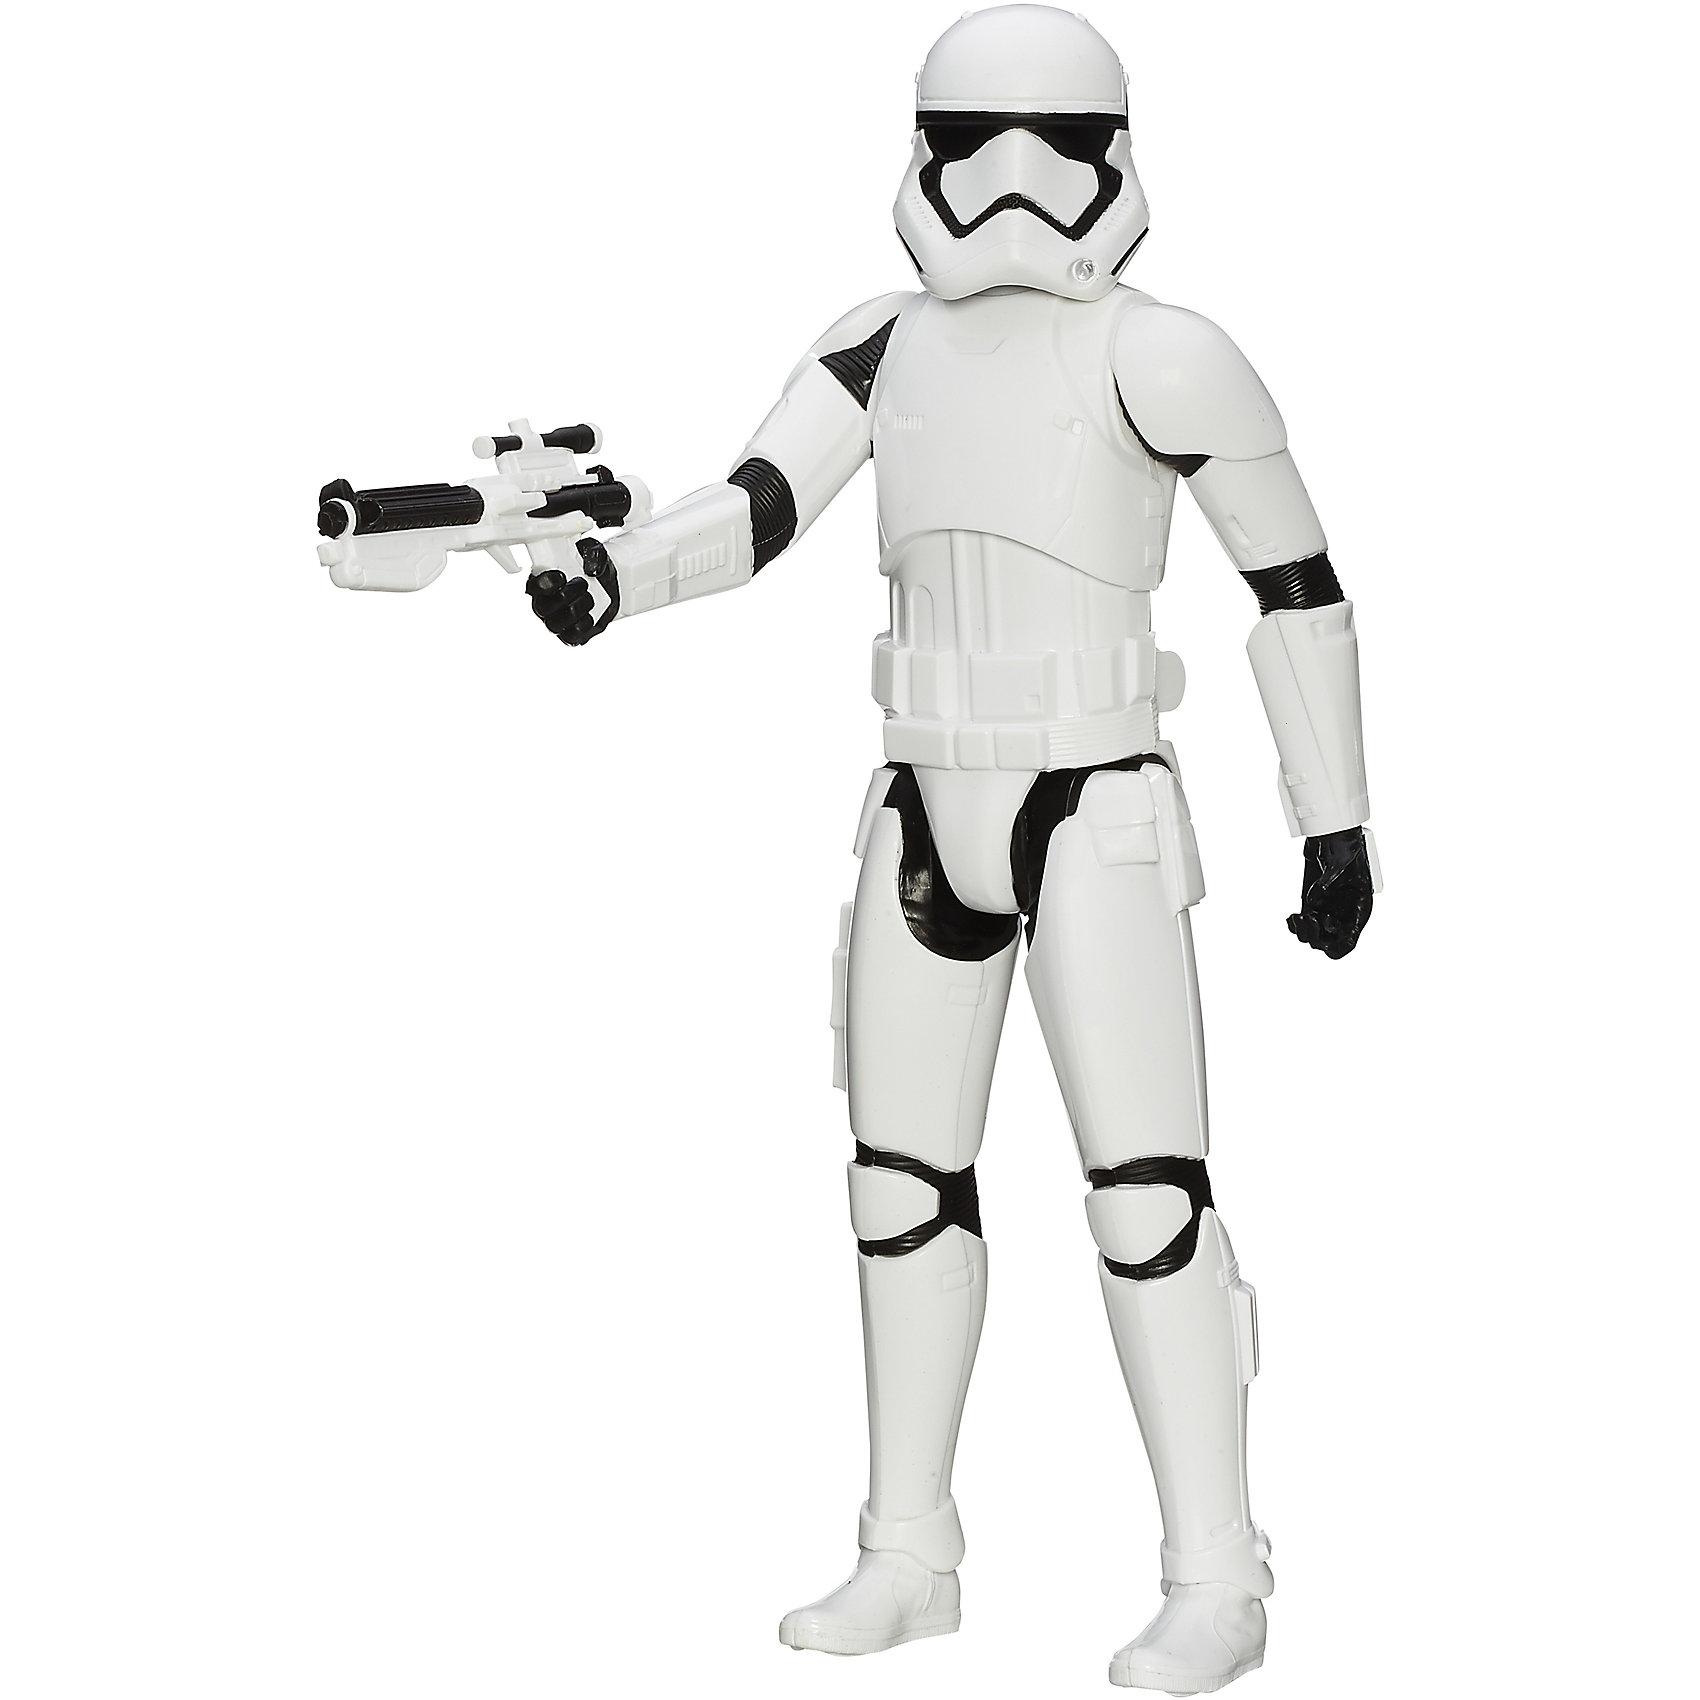 Титаны: Штурмовик, Герои вселенной, Звездные ВойныФигурка Штурмовика от Hasbro, станет приятным сюрпризом для вашего ребенка, особенно если он является поклонником популярной фантастической киносаги Star Wars. Фигурка выполнена из высококачественного пластика, прекрасно детализирована и реалистично раскрашена. Теперь можно разыгрывать по-настоящему масштабные сражения с любимыми персонажами. У фигурки подвижные части тела с 5 точками артикуляции, что позволяет придать ей любую позу. <br><br>Дополнительная информация:  <br><br>- В комплекте: 1 фигурка, 1 оружие.<br>- Материал: пластик. <br>- Высота фигурки: 30 см. <br>- Размер упаковки: 30,5 х 5 х 10 см.   <br>- Голова, руки, ноги подвижные.<br><br>Фигурку Титаны: Штурмовика, Герои вселенной, Звездные Войны (Star Wars), можно купить в нашем интернет-магазине.<br><br>Ширина мм: 309<br>Глубина мм: 102<br>Высота мм: 57<br>Вес г: 328<br>Возраст от месяцев: 48<br>Возраст до месяцев: 96<br>Пол: Мужской<br>Возраст: Детский<br>SKU: 4702910